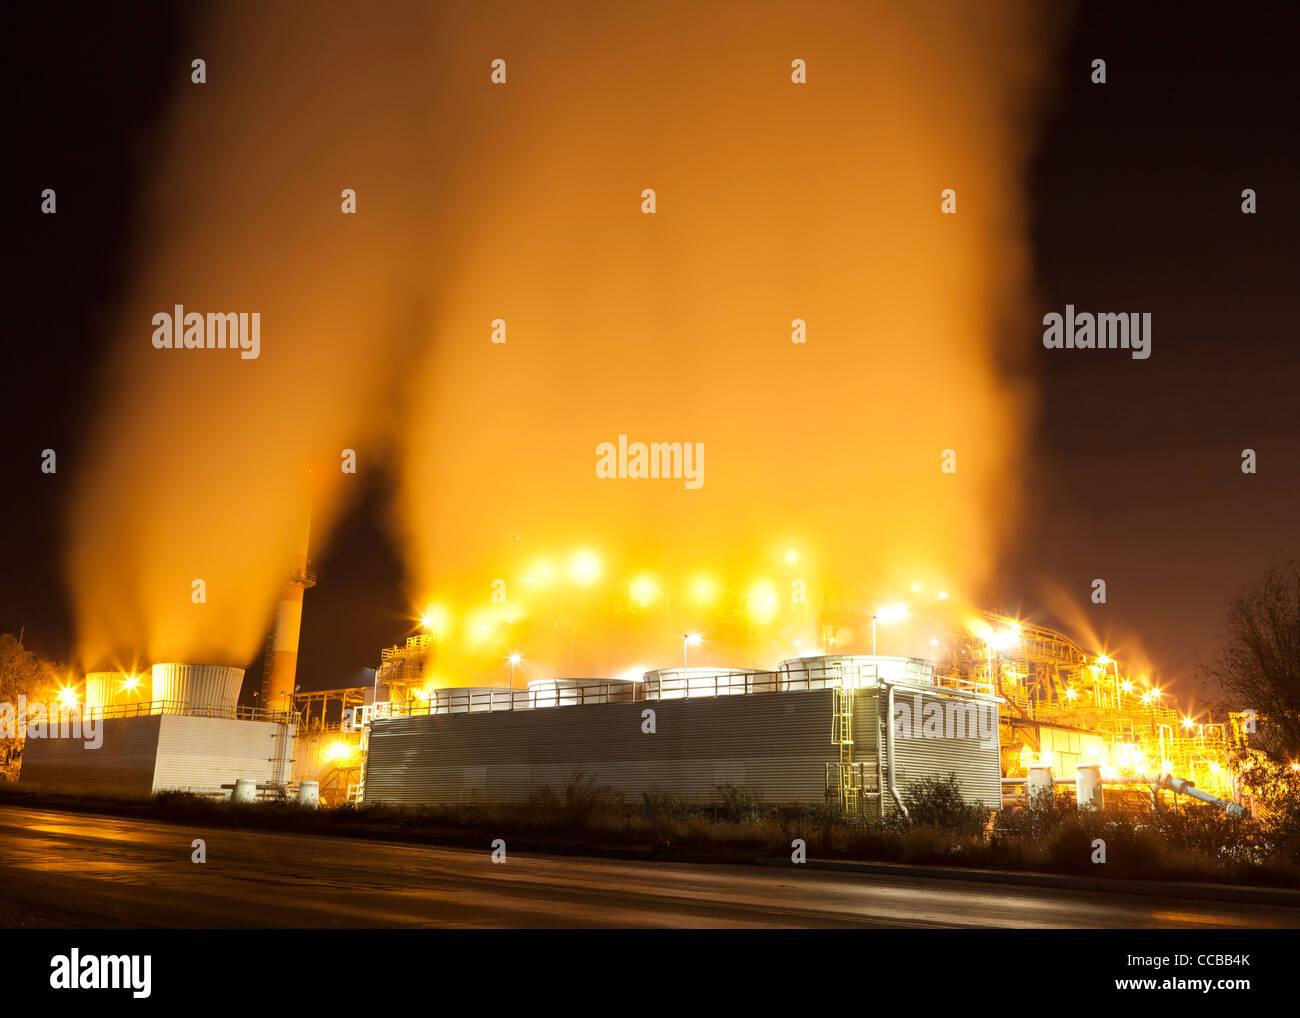 Industriali torre di raffreddamento Immagini Stock